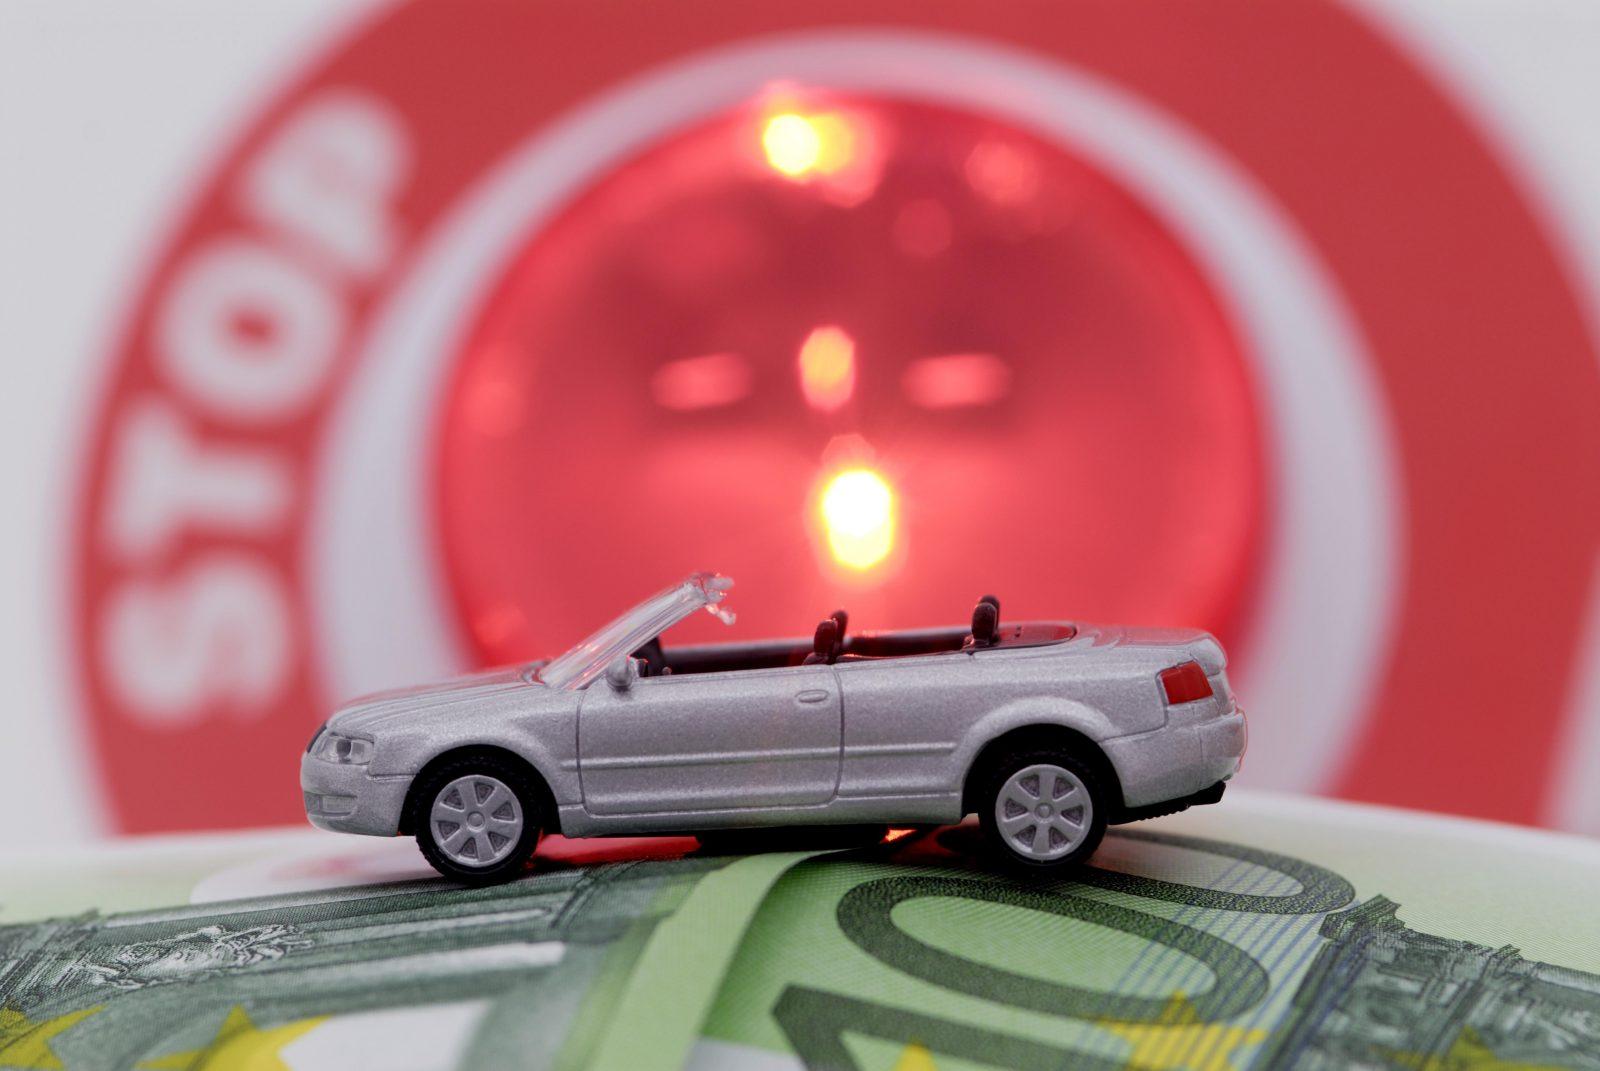 Spielzeugauto, Geldscheine, Polizeikelle